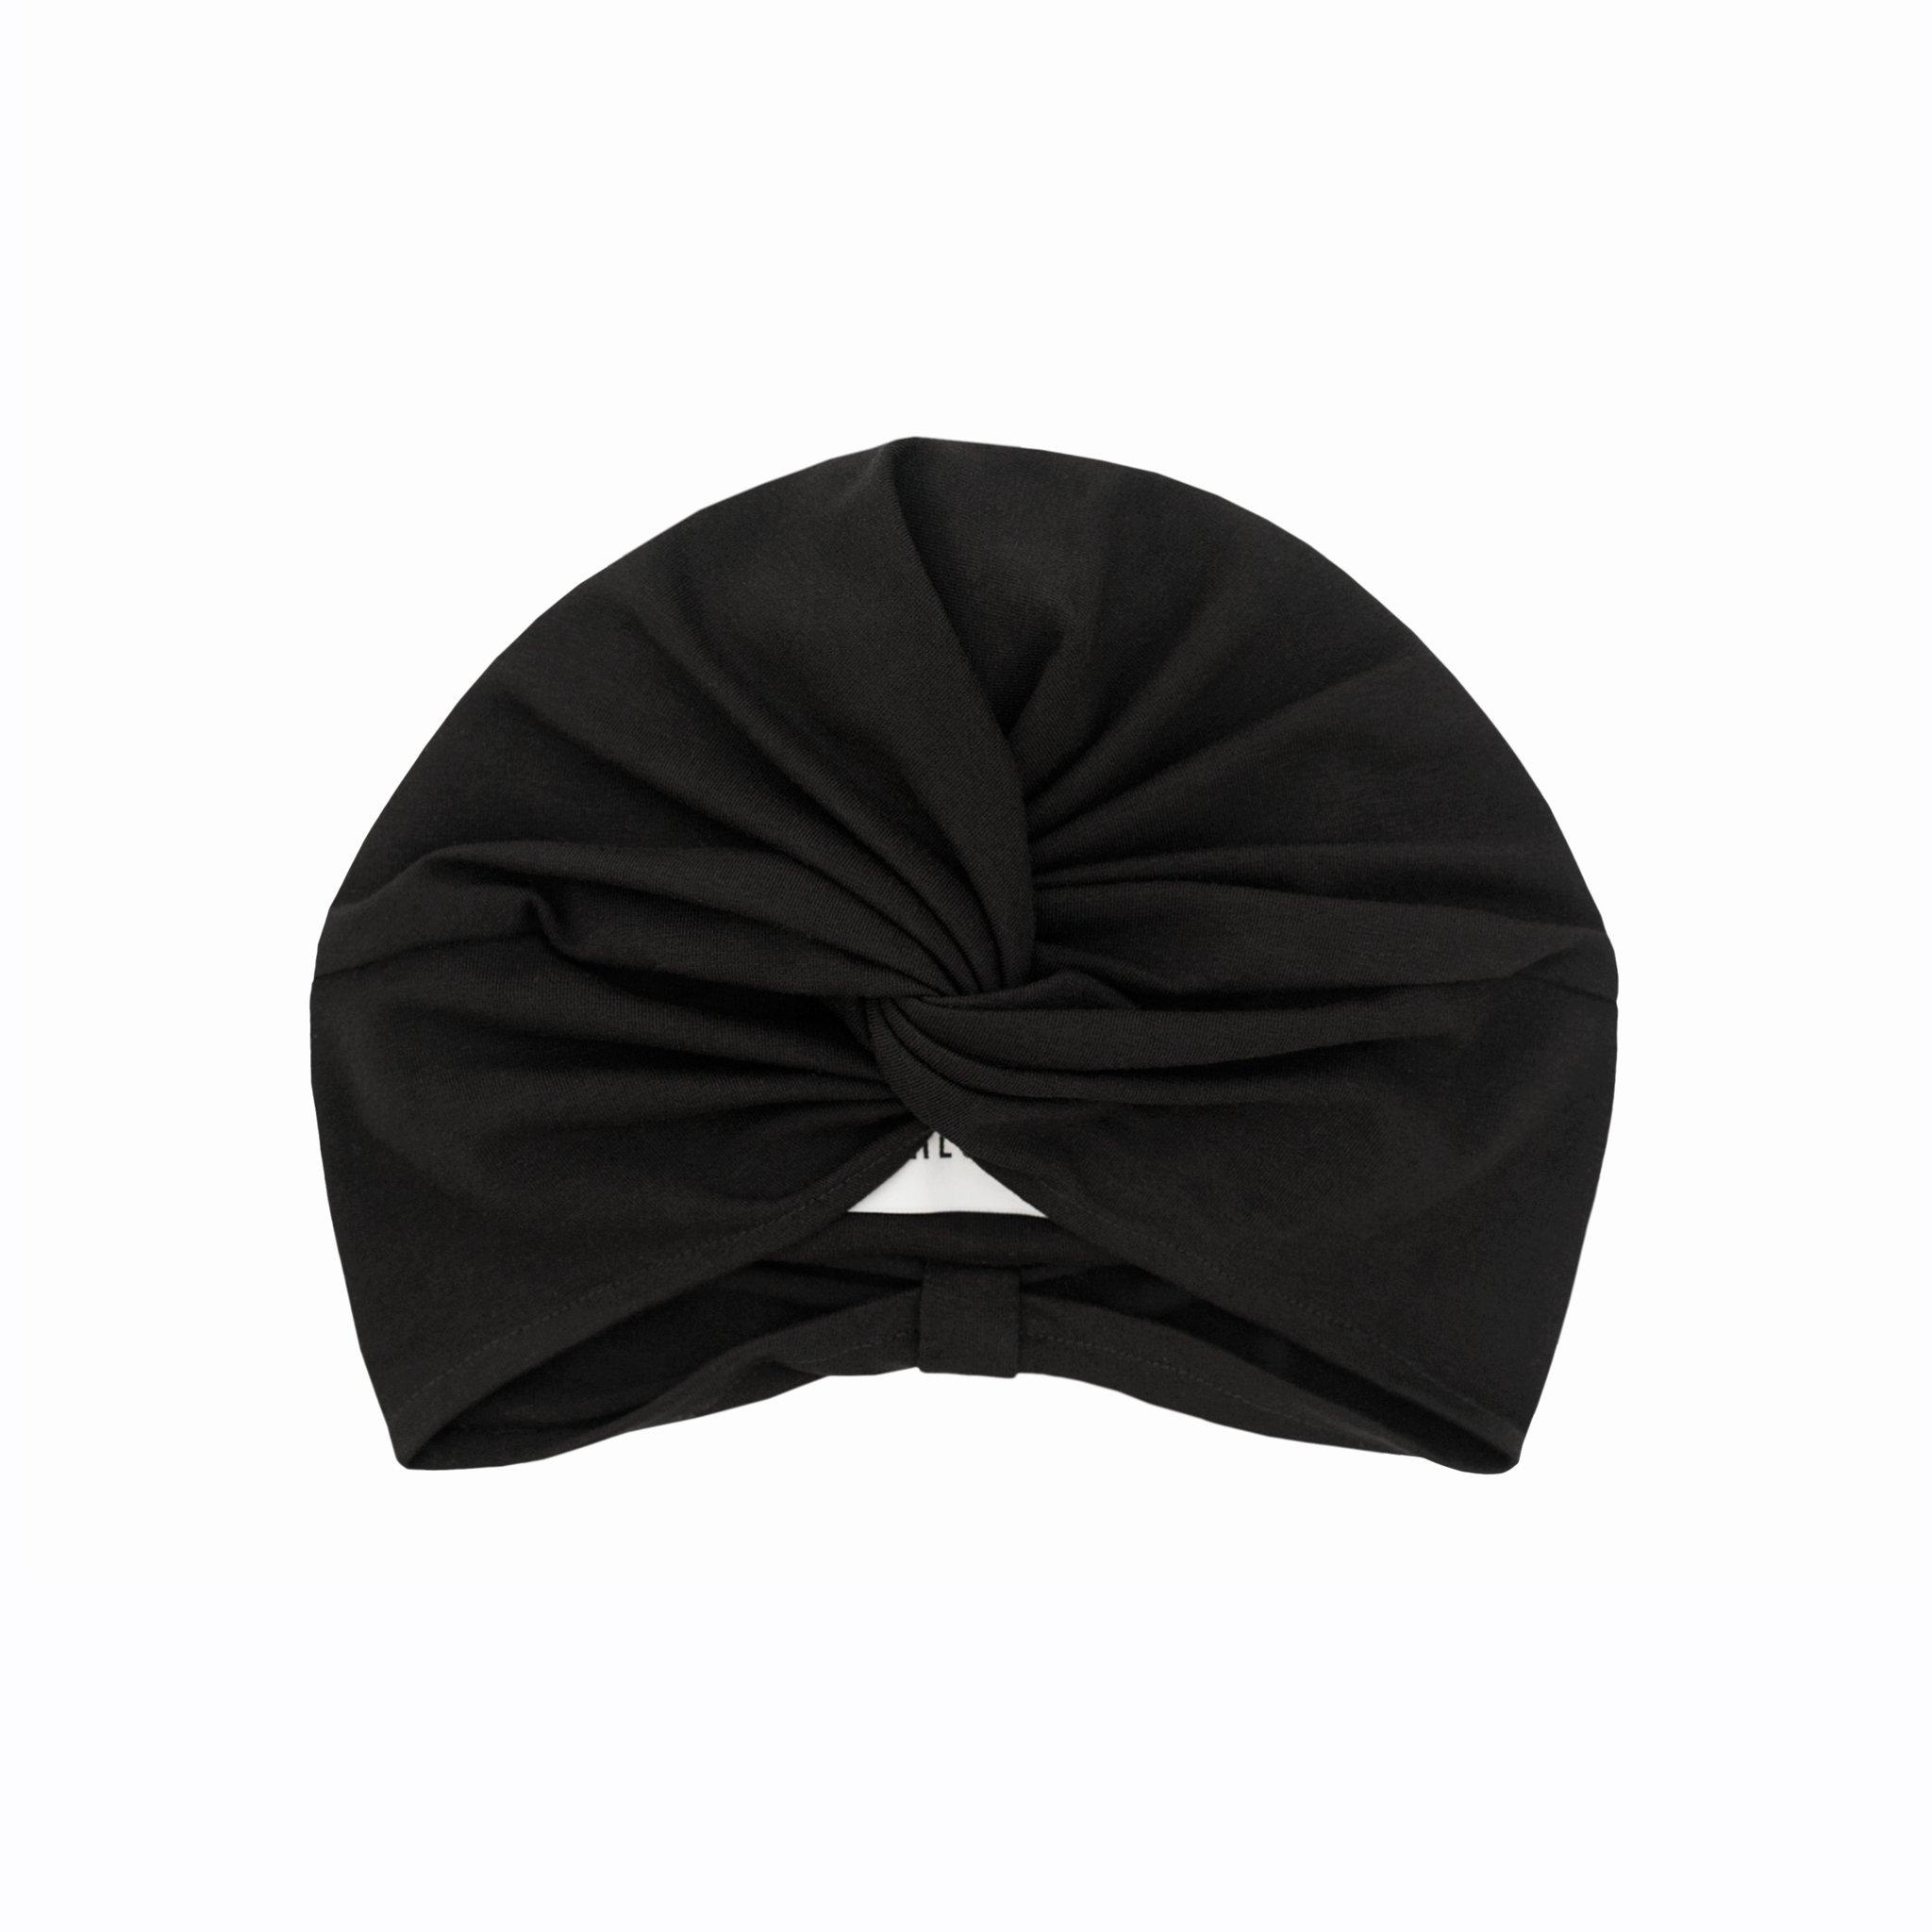 Amanda turban black